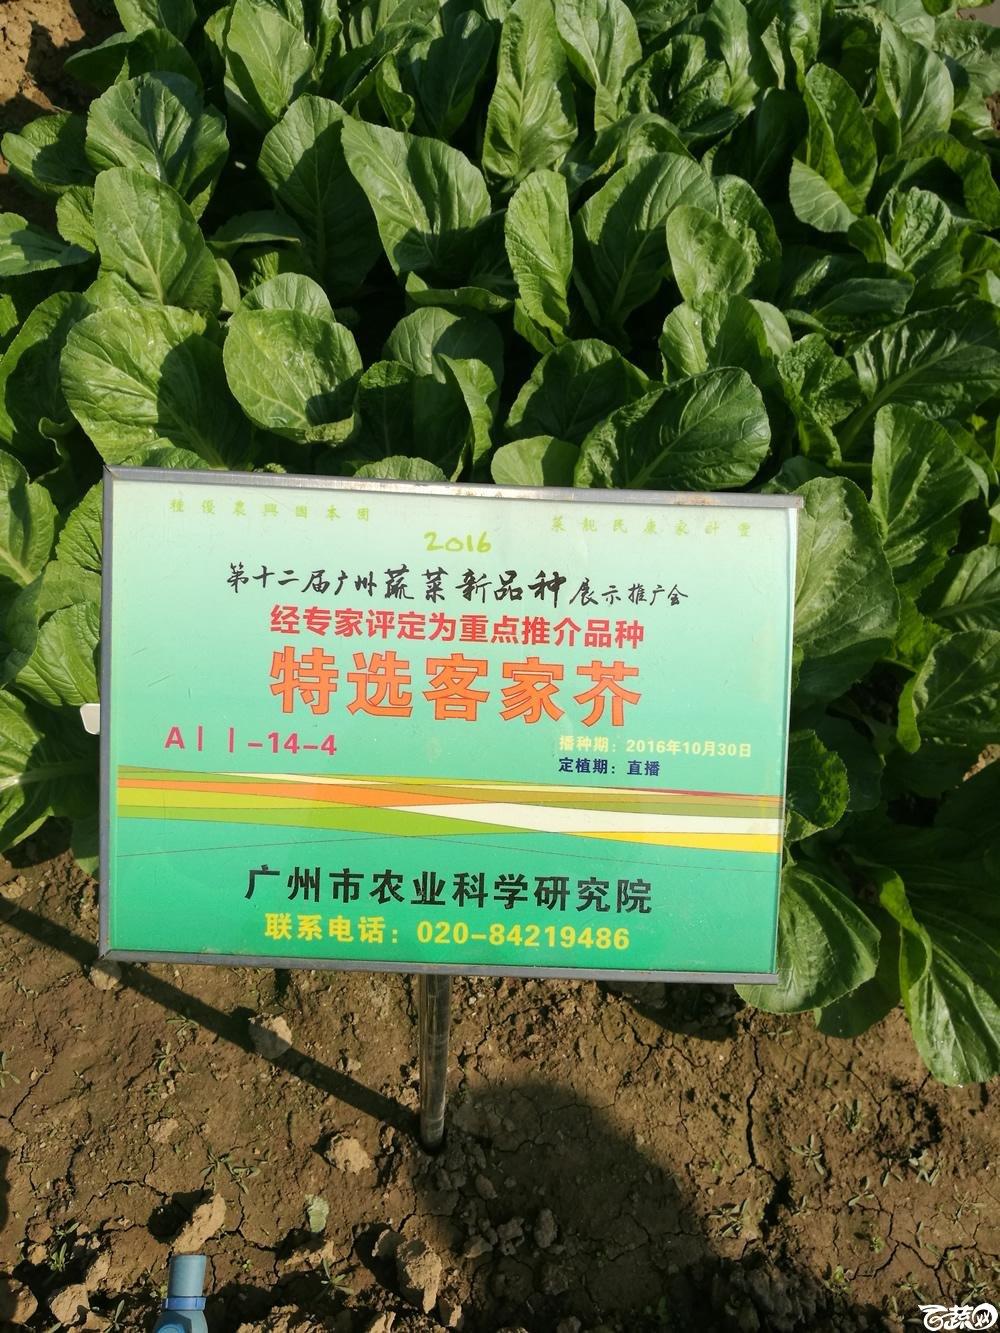 第十二届广州蔬菜展示会专家重点推荐品种,广州市农科院特选客家芥_001.jpg